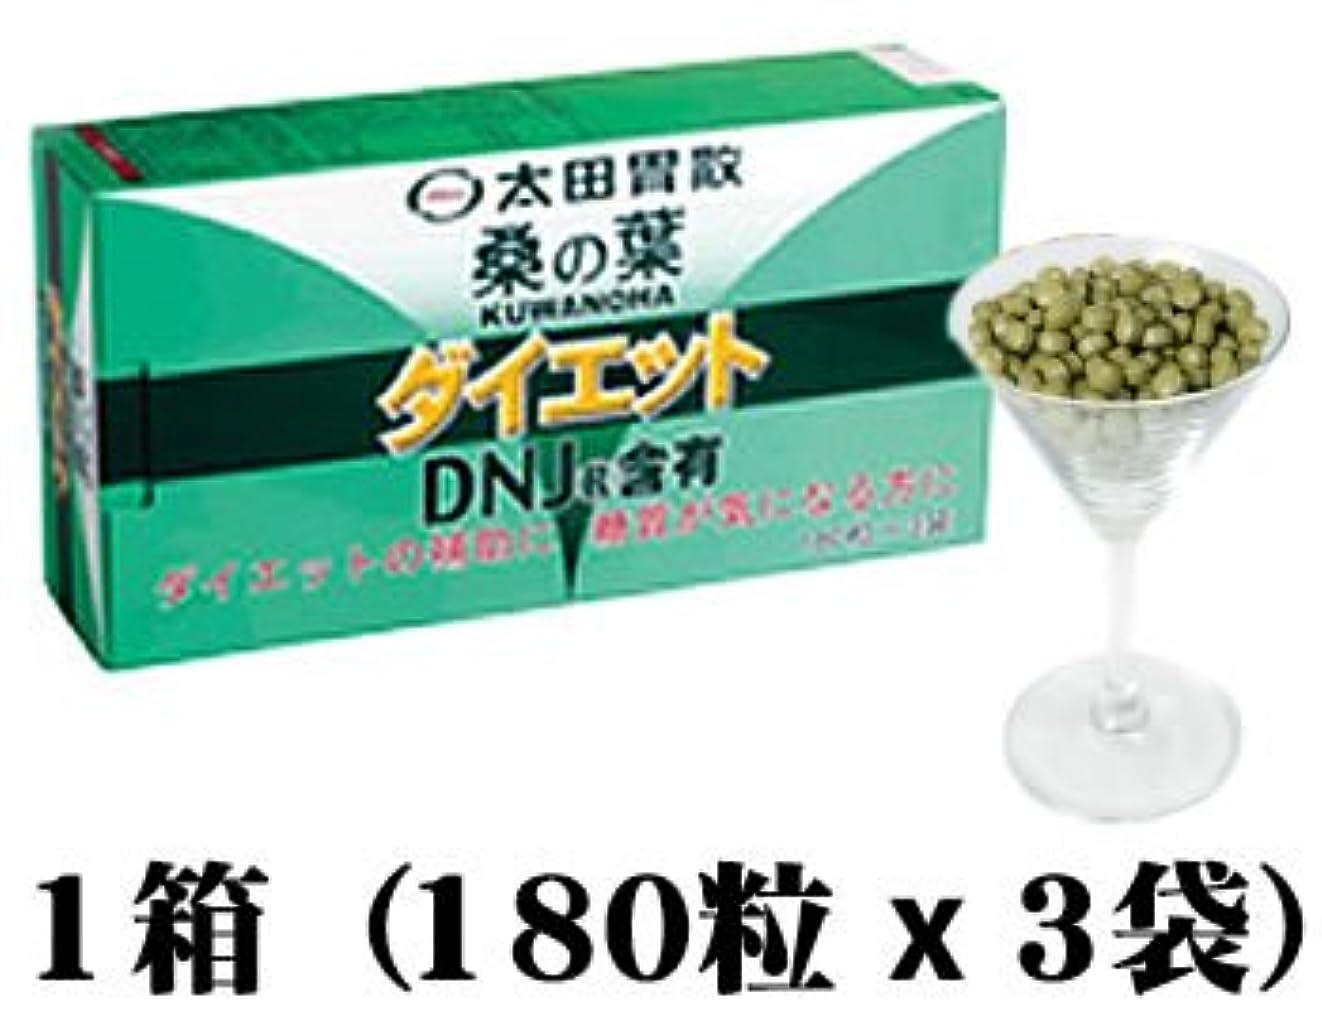 せせらぎ六月逃す太田胃散 桑の葉ダイエット詰替用(180粒×3袋入)